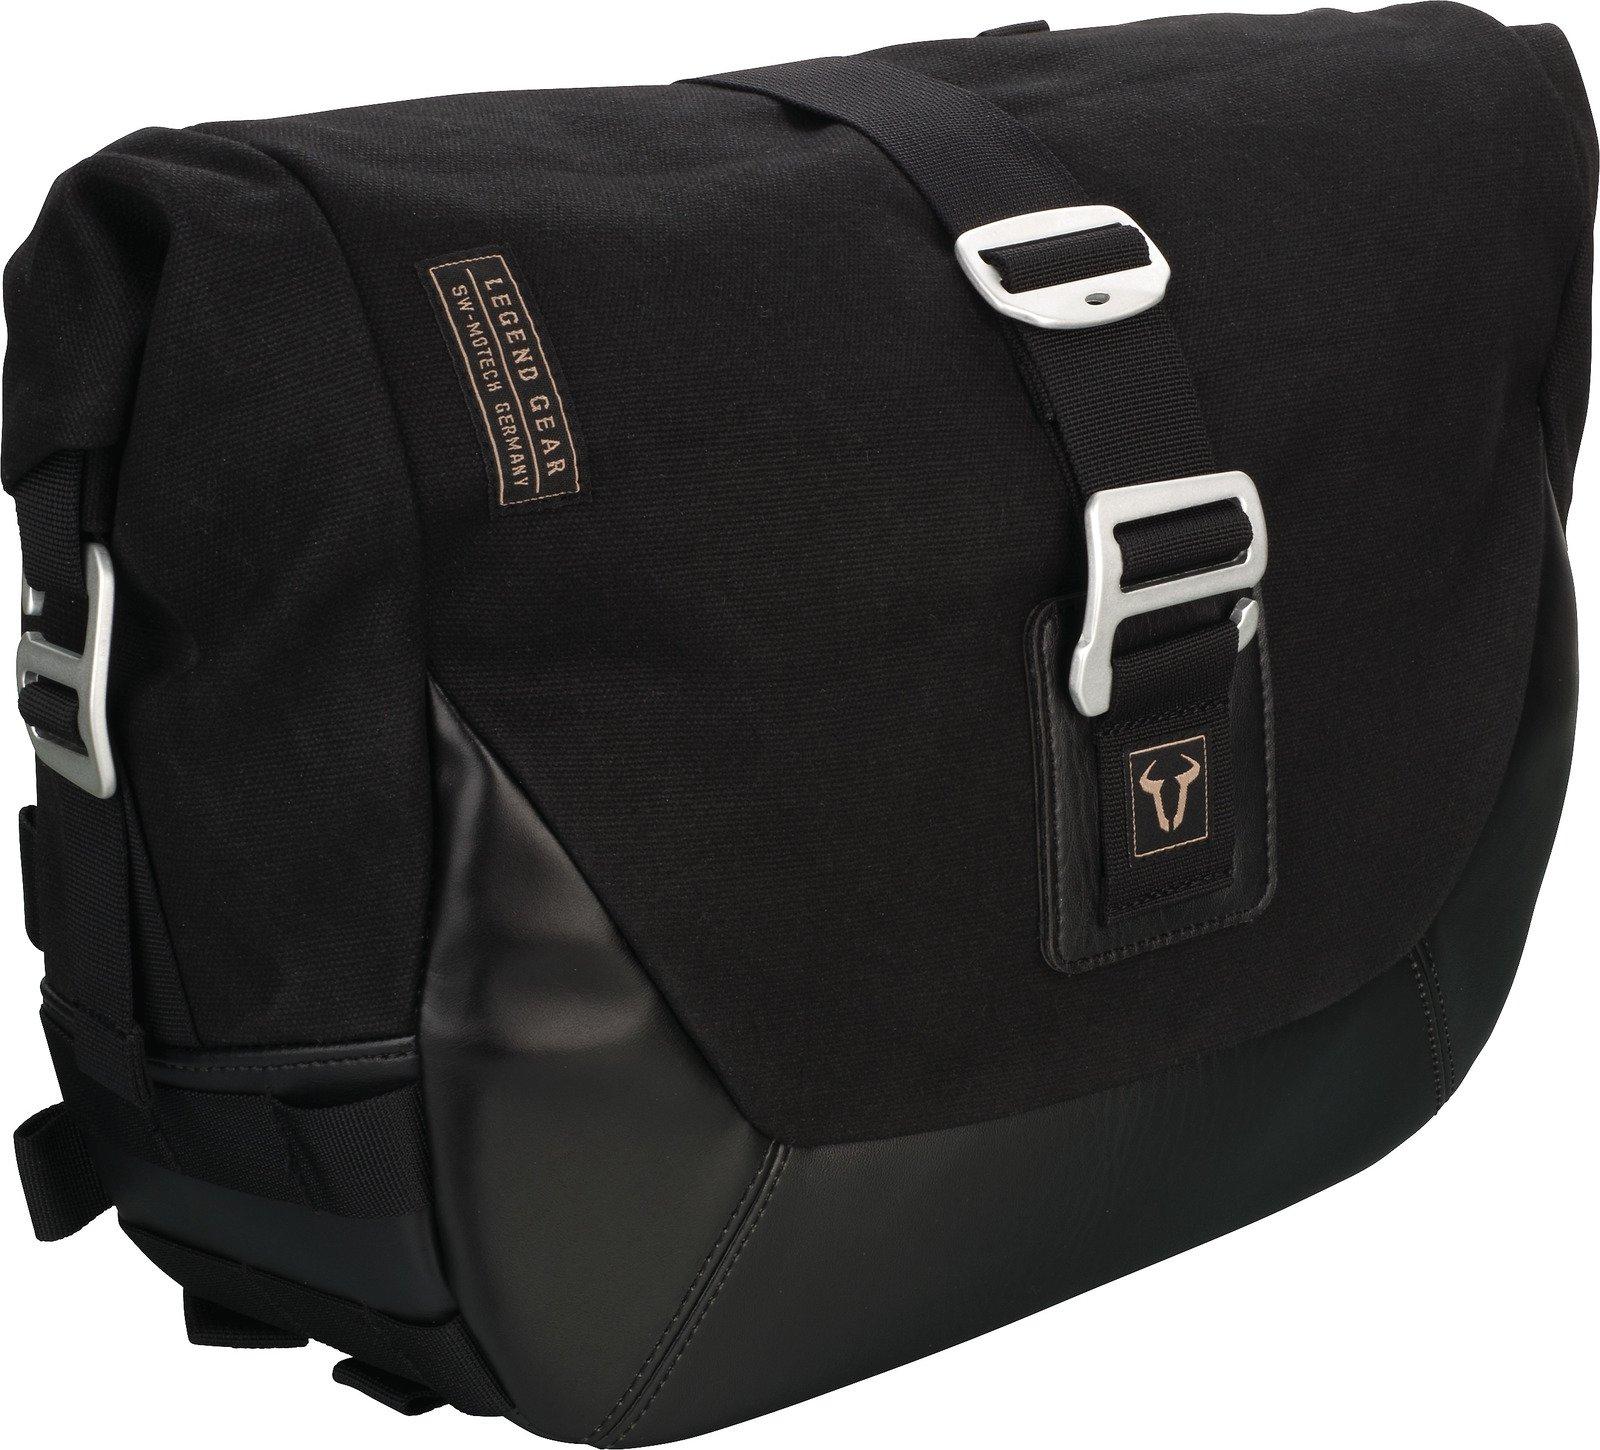 Legend Gear Side Bag 9.8L, Black Edition